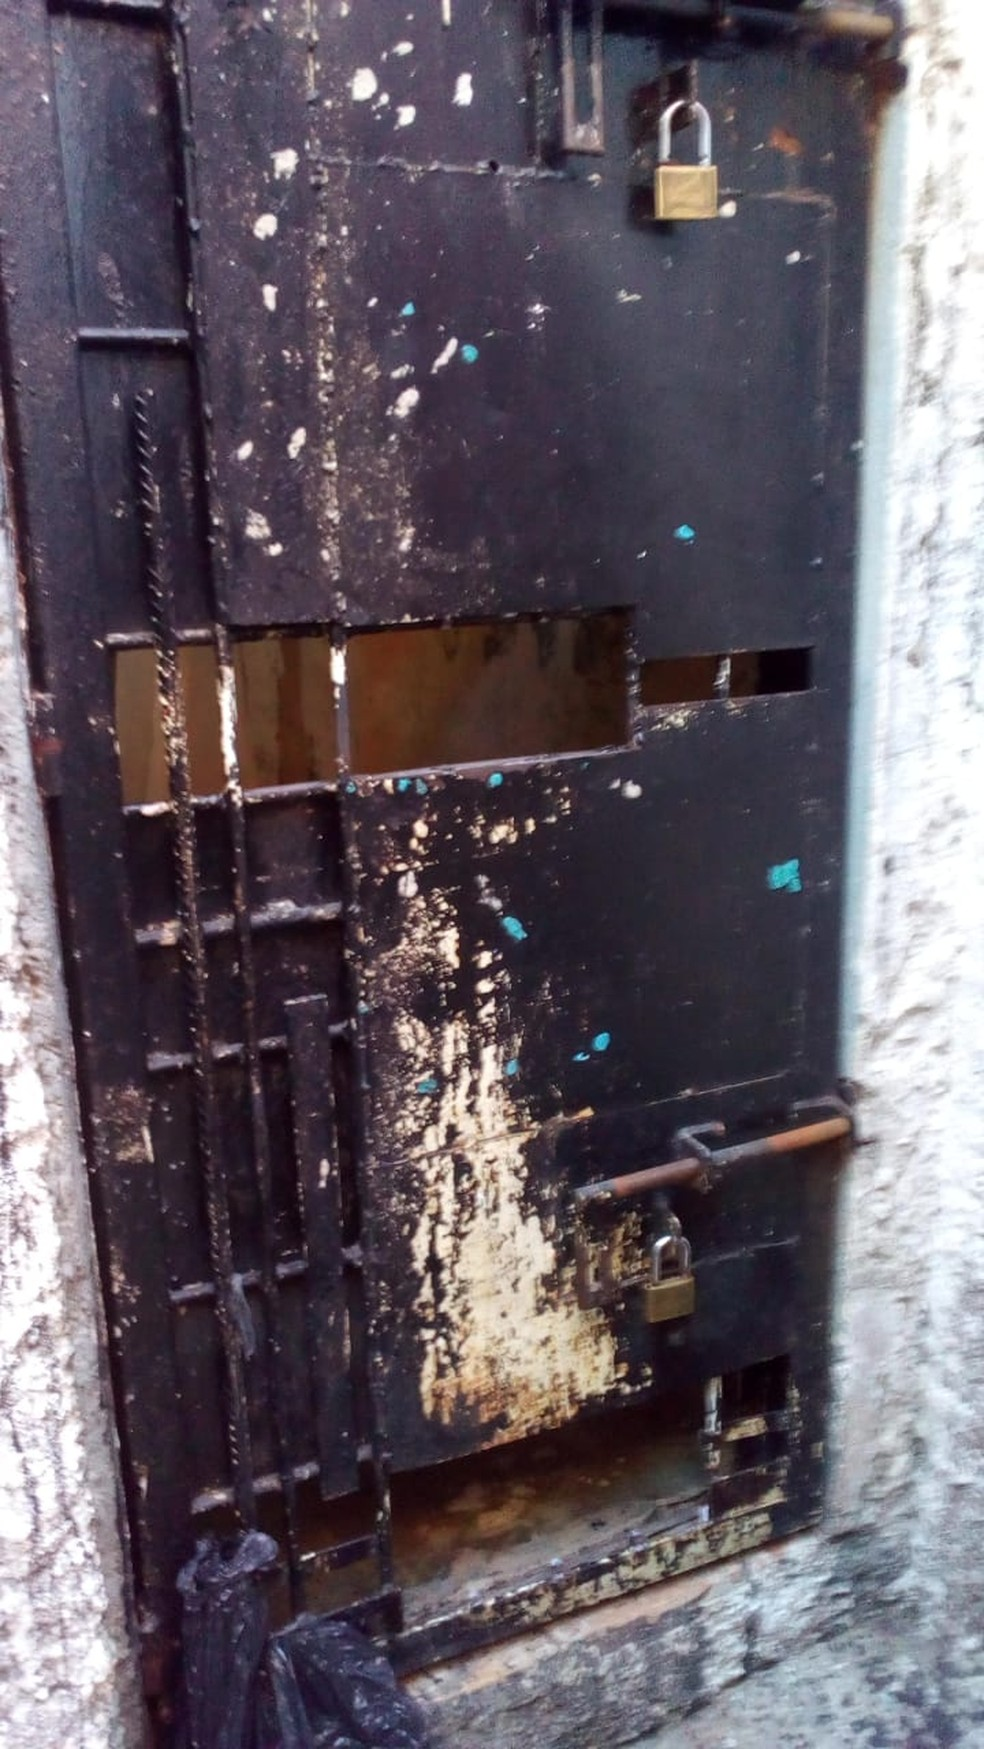 Depois de deixarem a cela, presos foram até o solário e escaparam pelo telhado — Foto: Polícia Civil/Divulgação